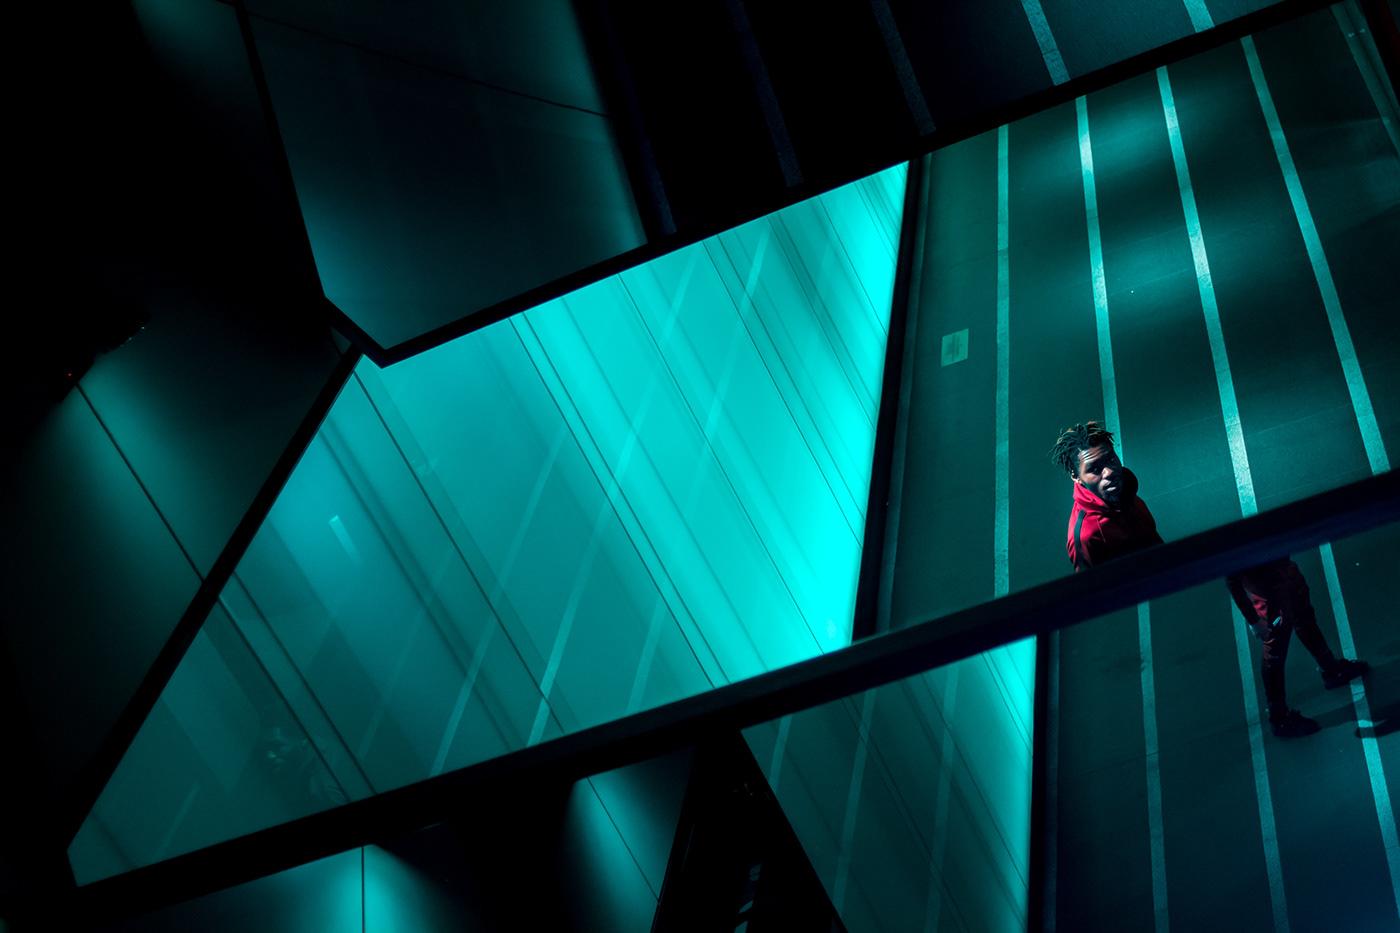 musician neon Cyberpunk Dystopian portrait neon portrait rapper London